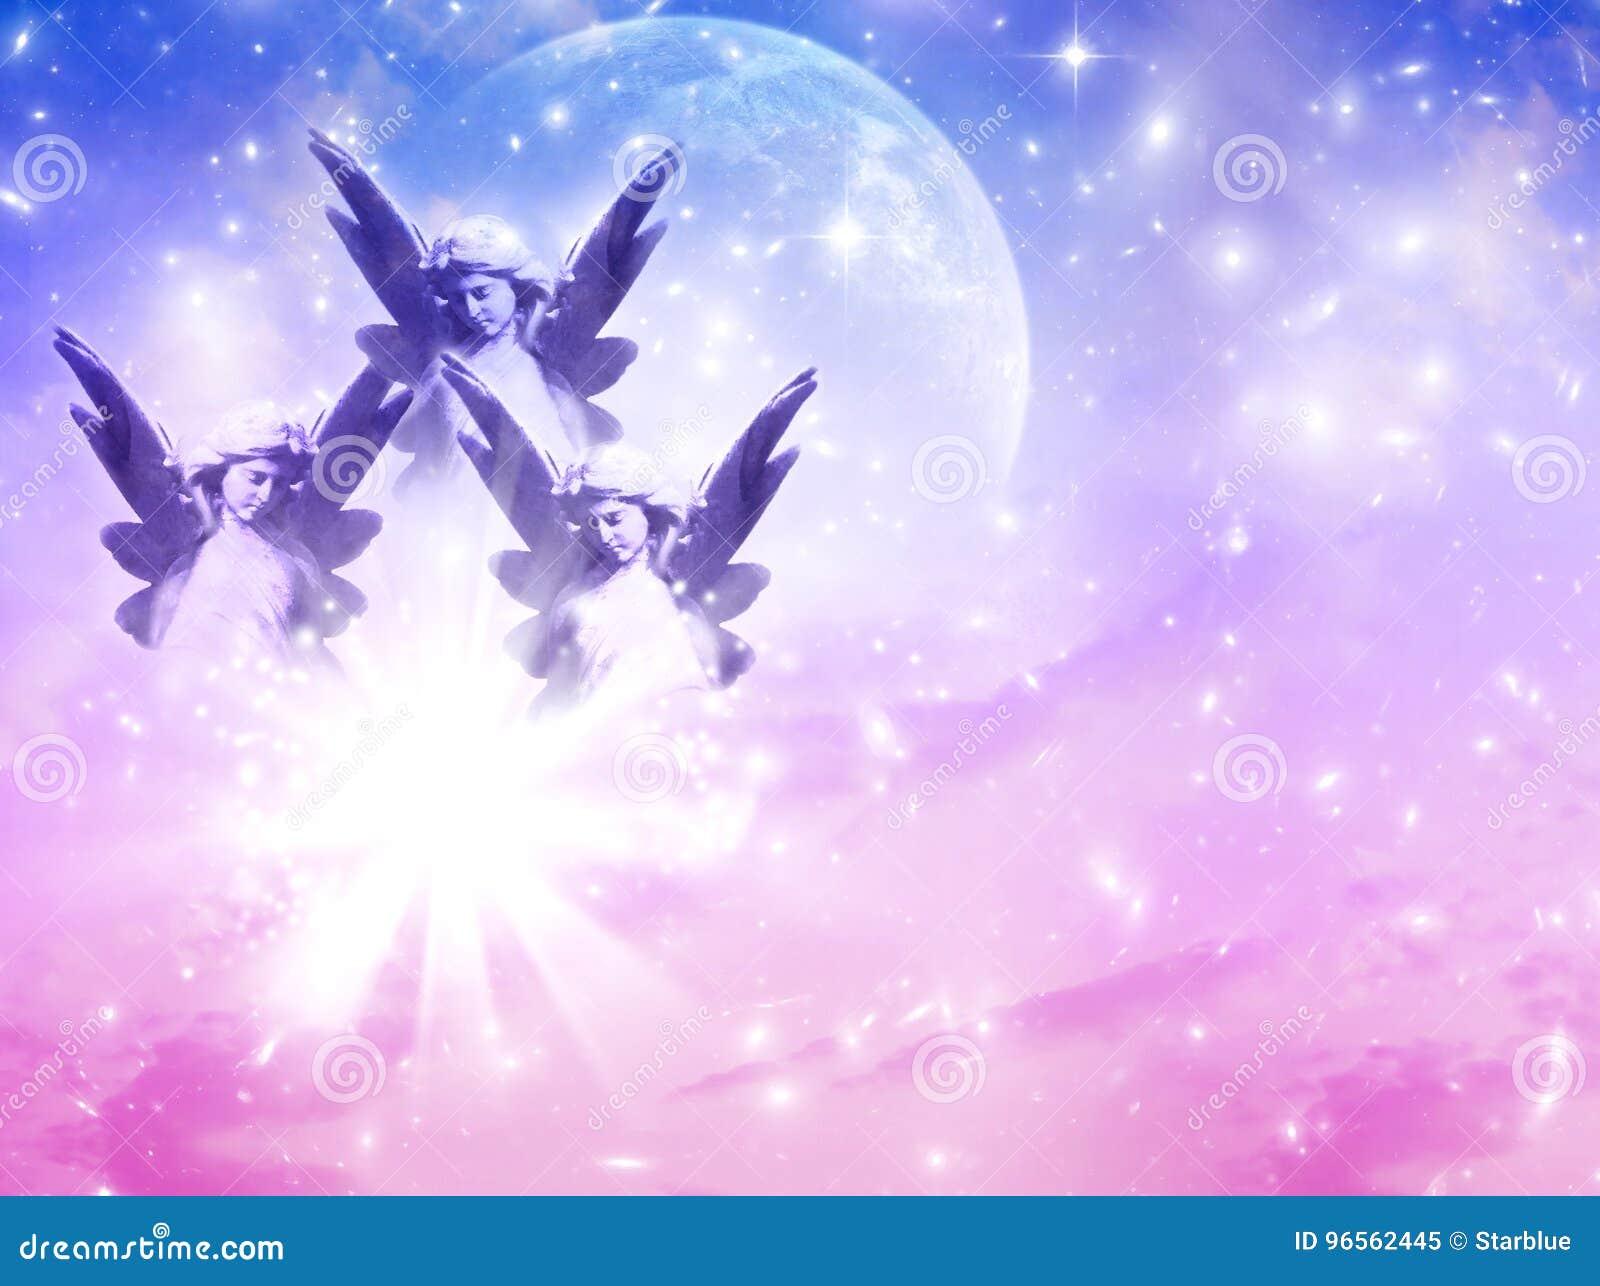 Ben noto Angeli foto stock - Iscriviti Gratis XP11